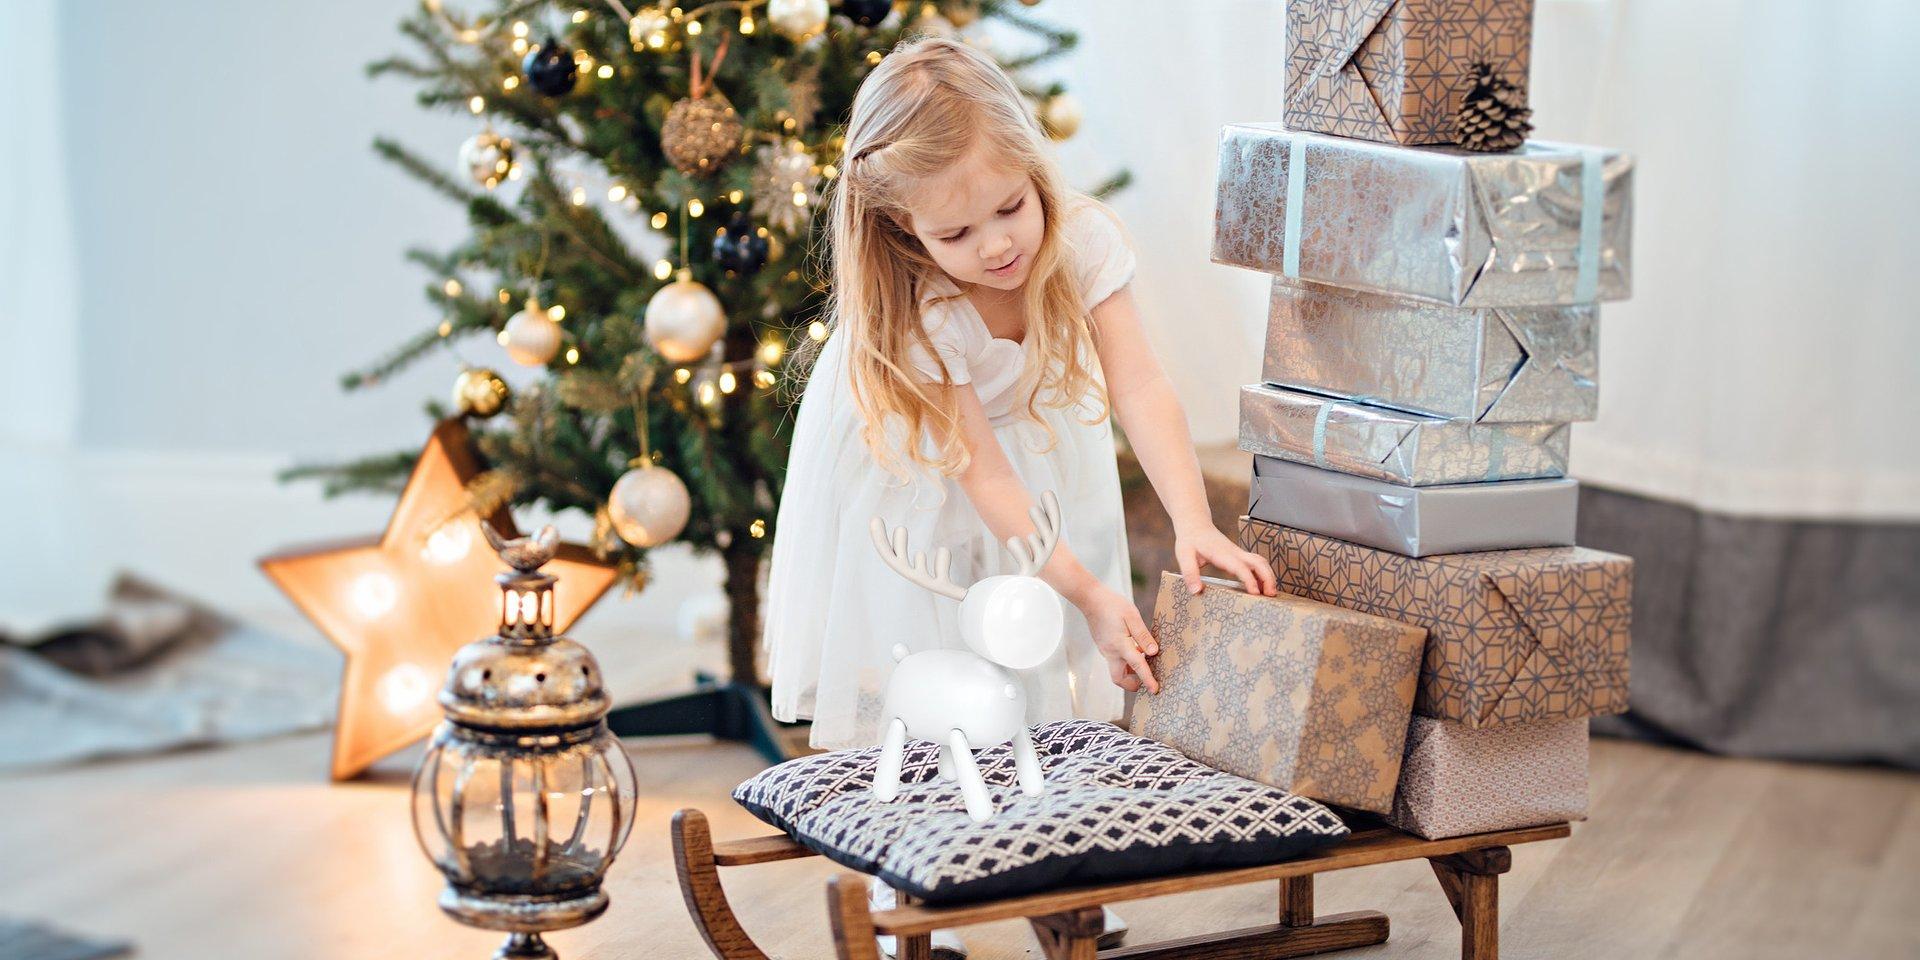 Święta z Activejet i Tuckano – podaruj bliskim funkcjonalny prezent!